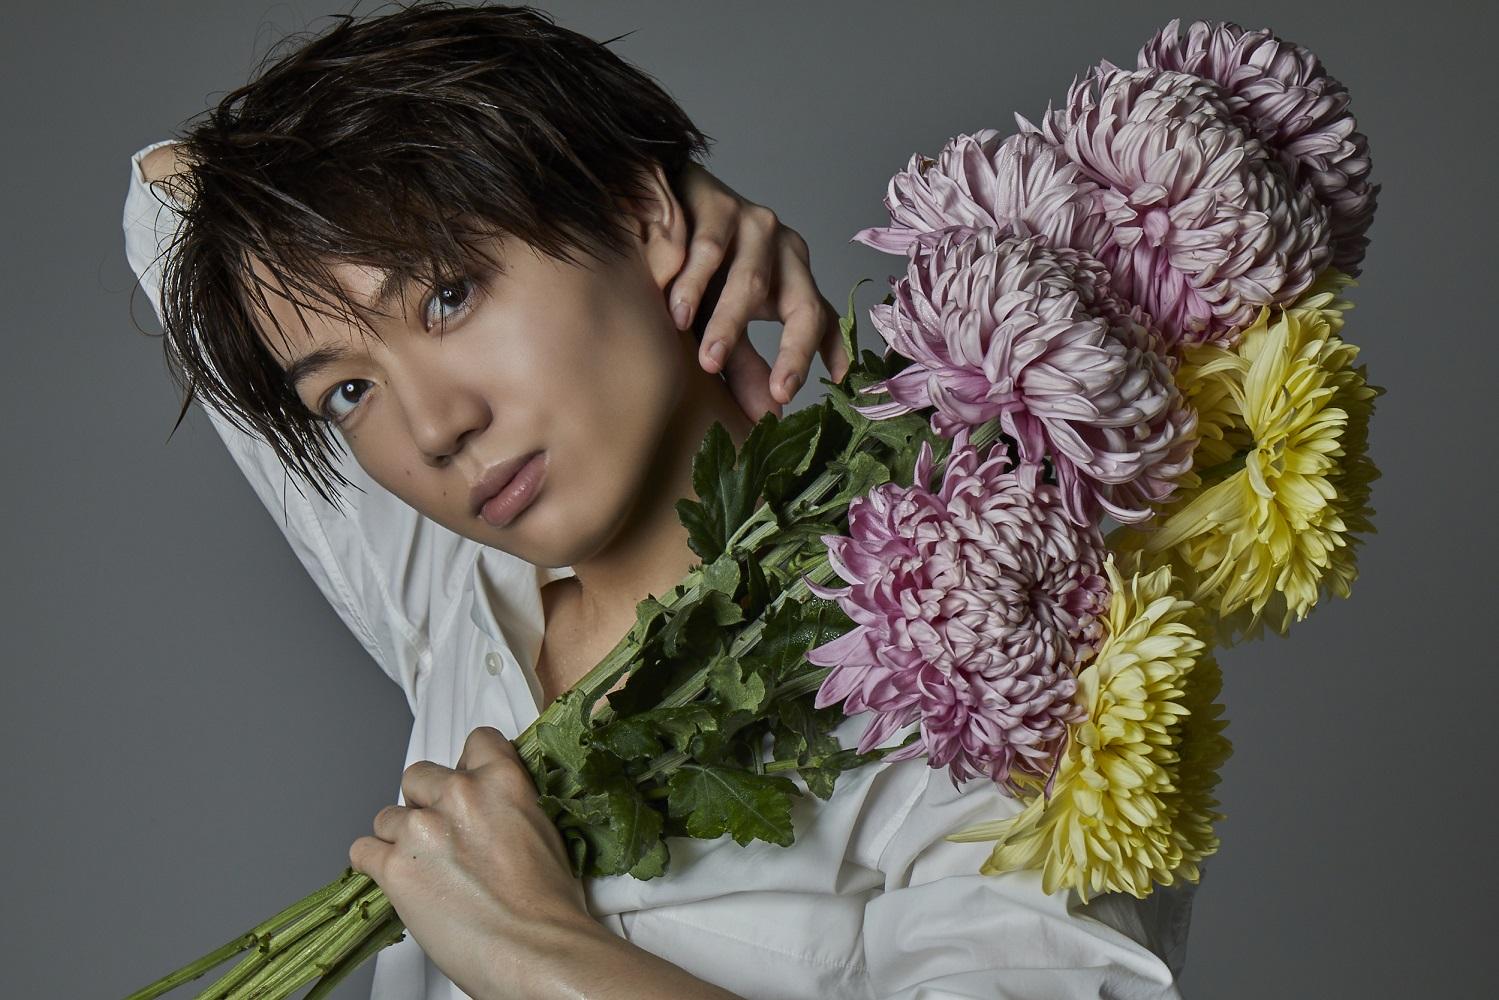 千葉翔也さん×レスリー・キーさんのセッションが「TVガイドVOICE STARS」に登場!「自信を持ってお見せできる作品」